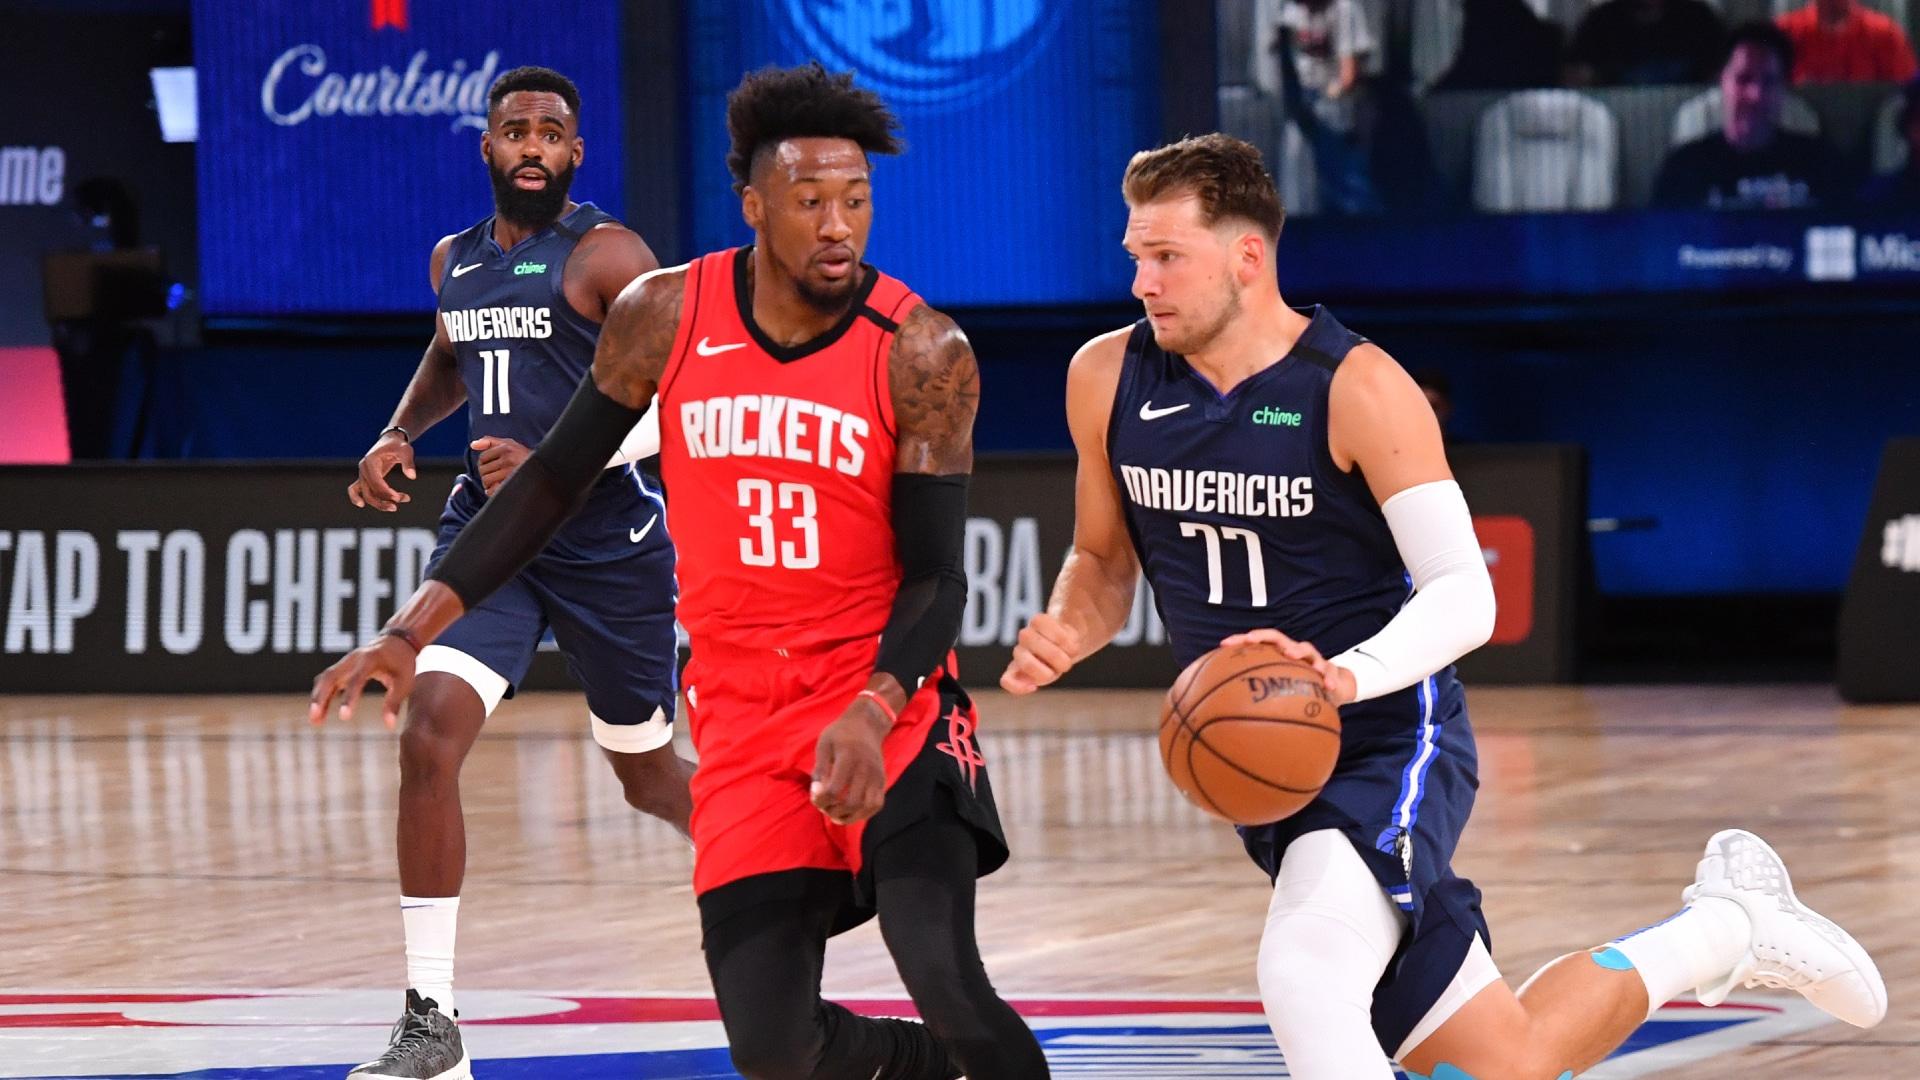 Rockets @ Mavericks